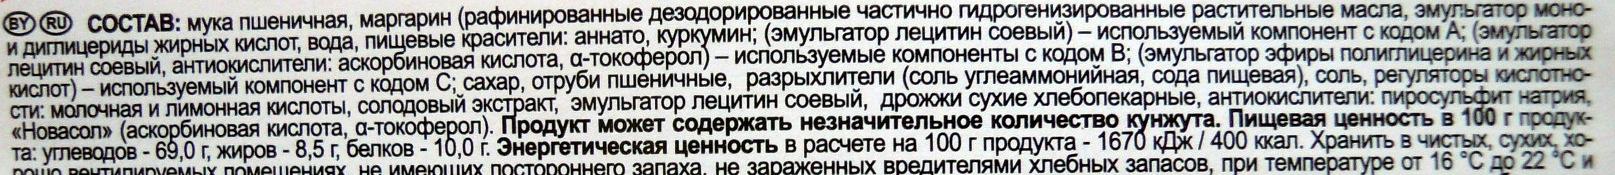 Крекер (сухое печенье) «Будь здоров!» с отрубями - Ingredients - ru